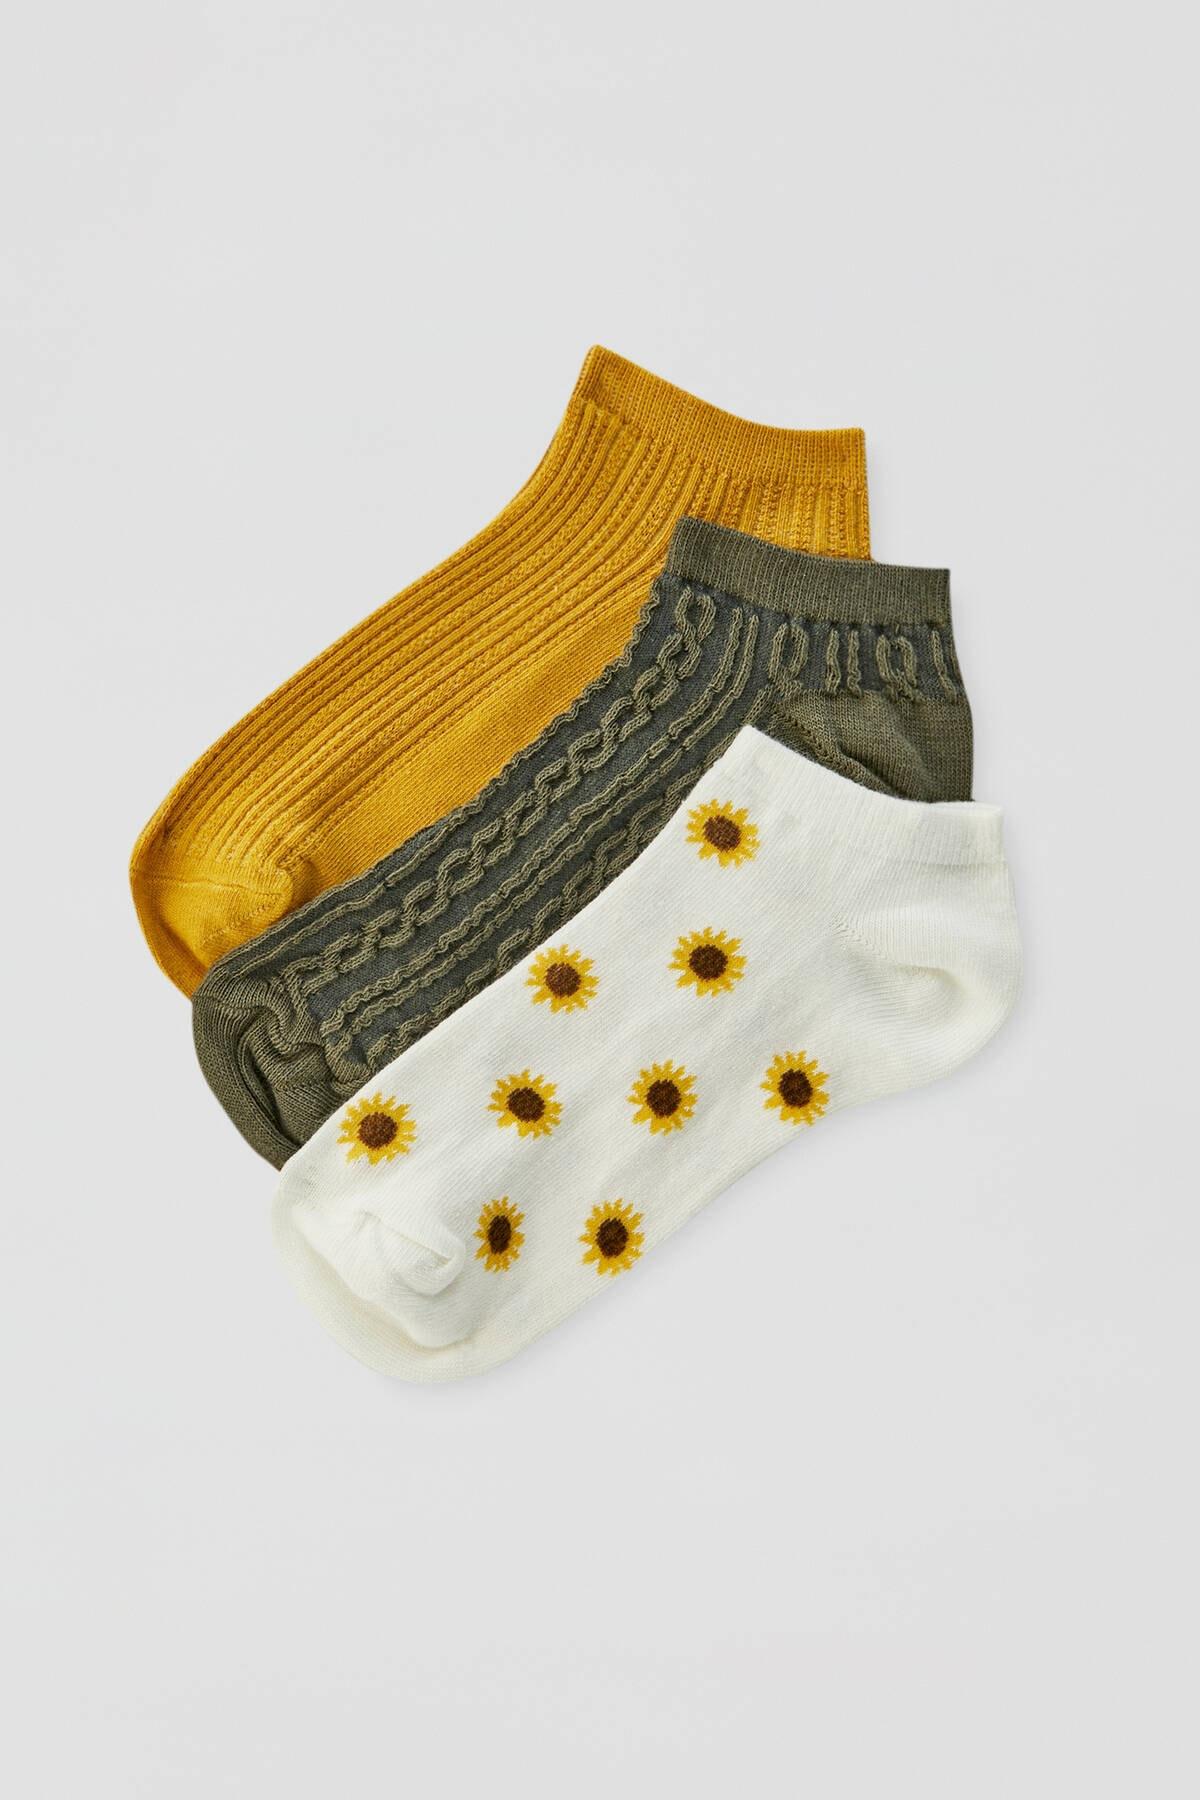 Pull & Bear Kadın  Renkli Ayçiçeği Desenli Bilekte Çorap Paketi 09895340